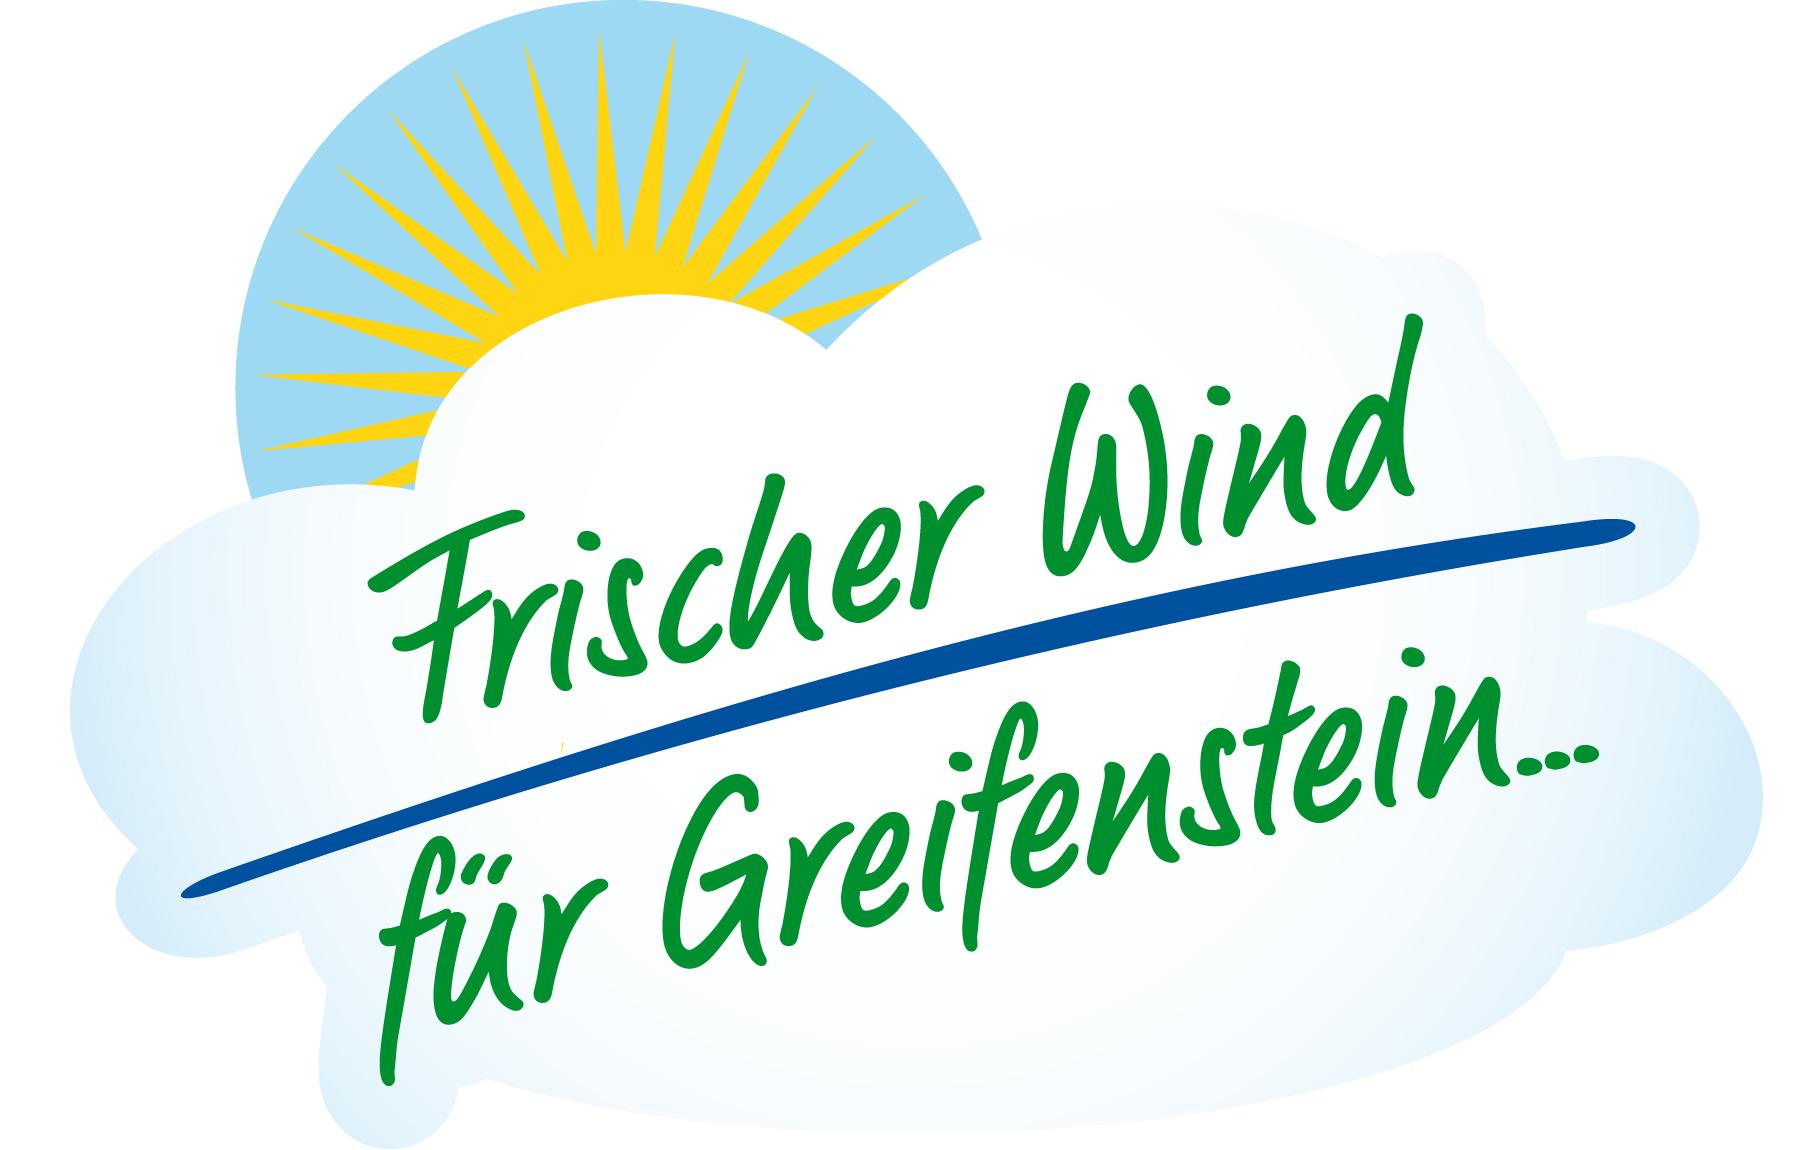 ulfg_frischerwind